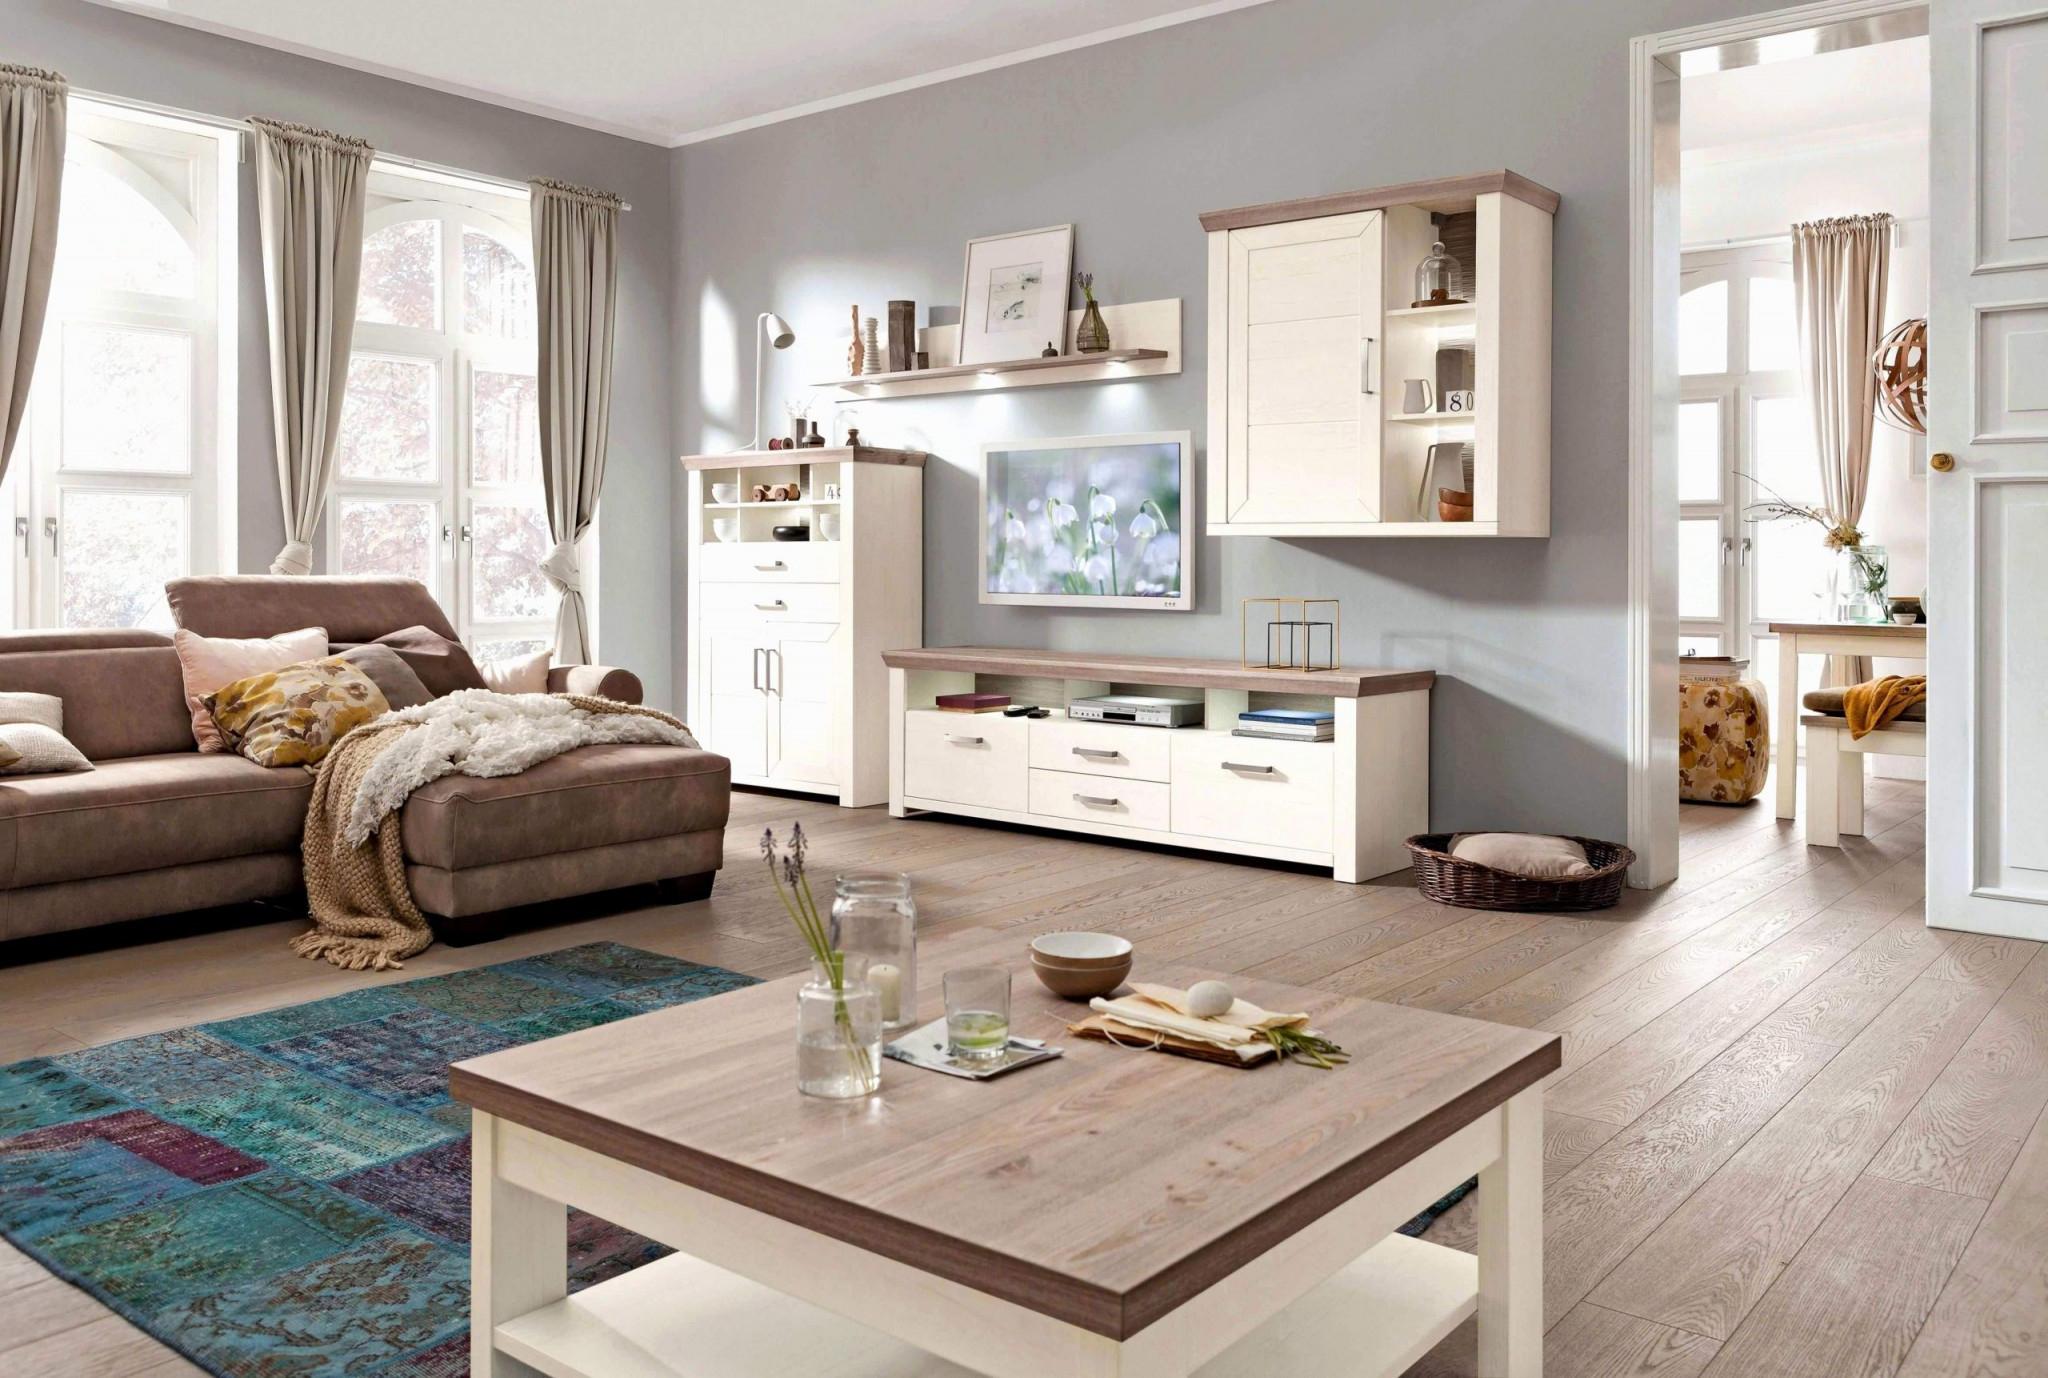 Kleines Wohnzimmer Optimal Einrichten Luxus 50 Einzigartig von Kleines Wohnzimmer Optimal Einrichten Photo